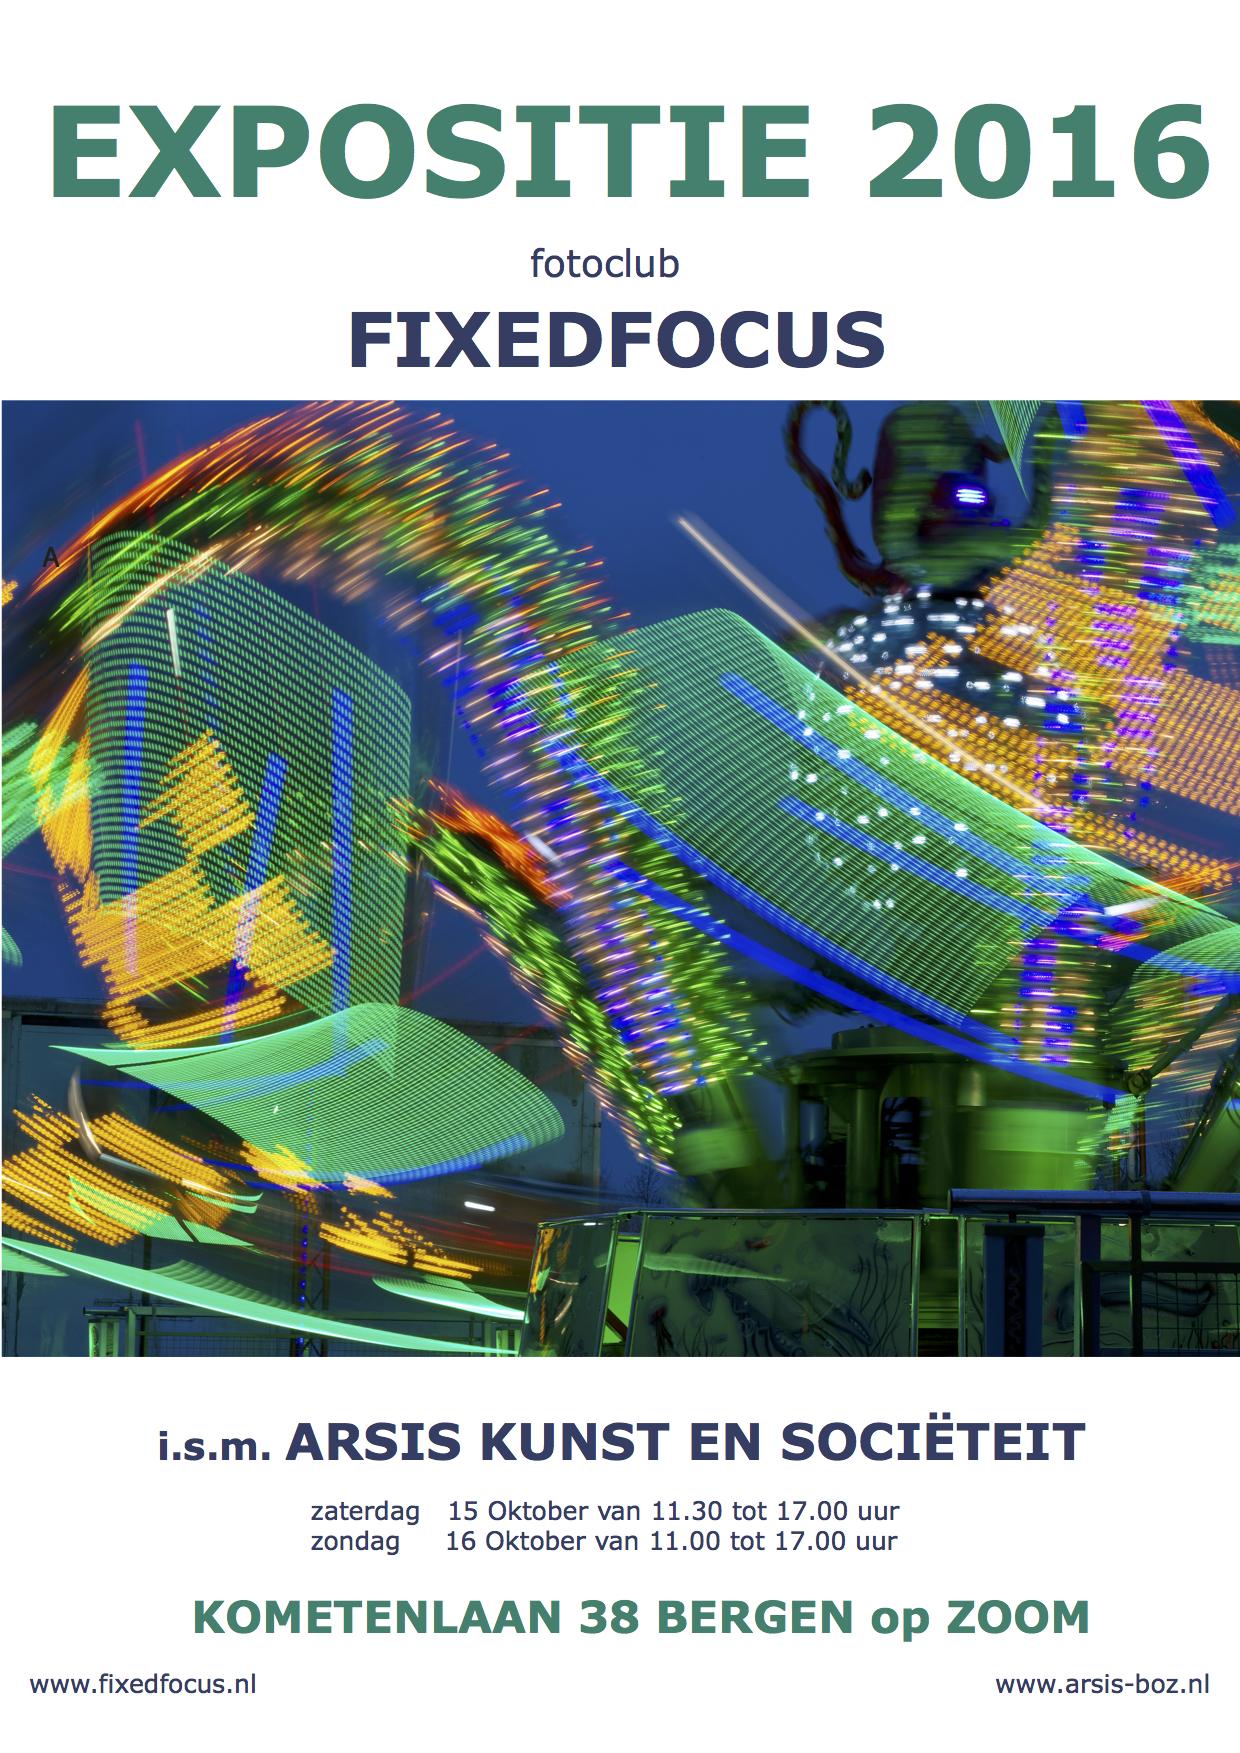 Expositie door de leden van <br> Fotoclub Fixed Focus bij Arsis